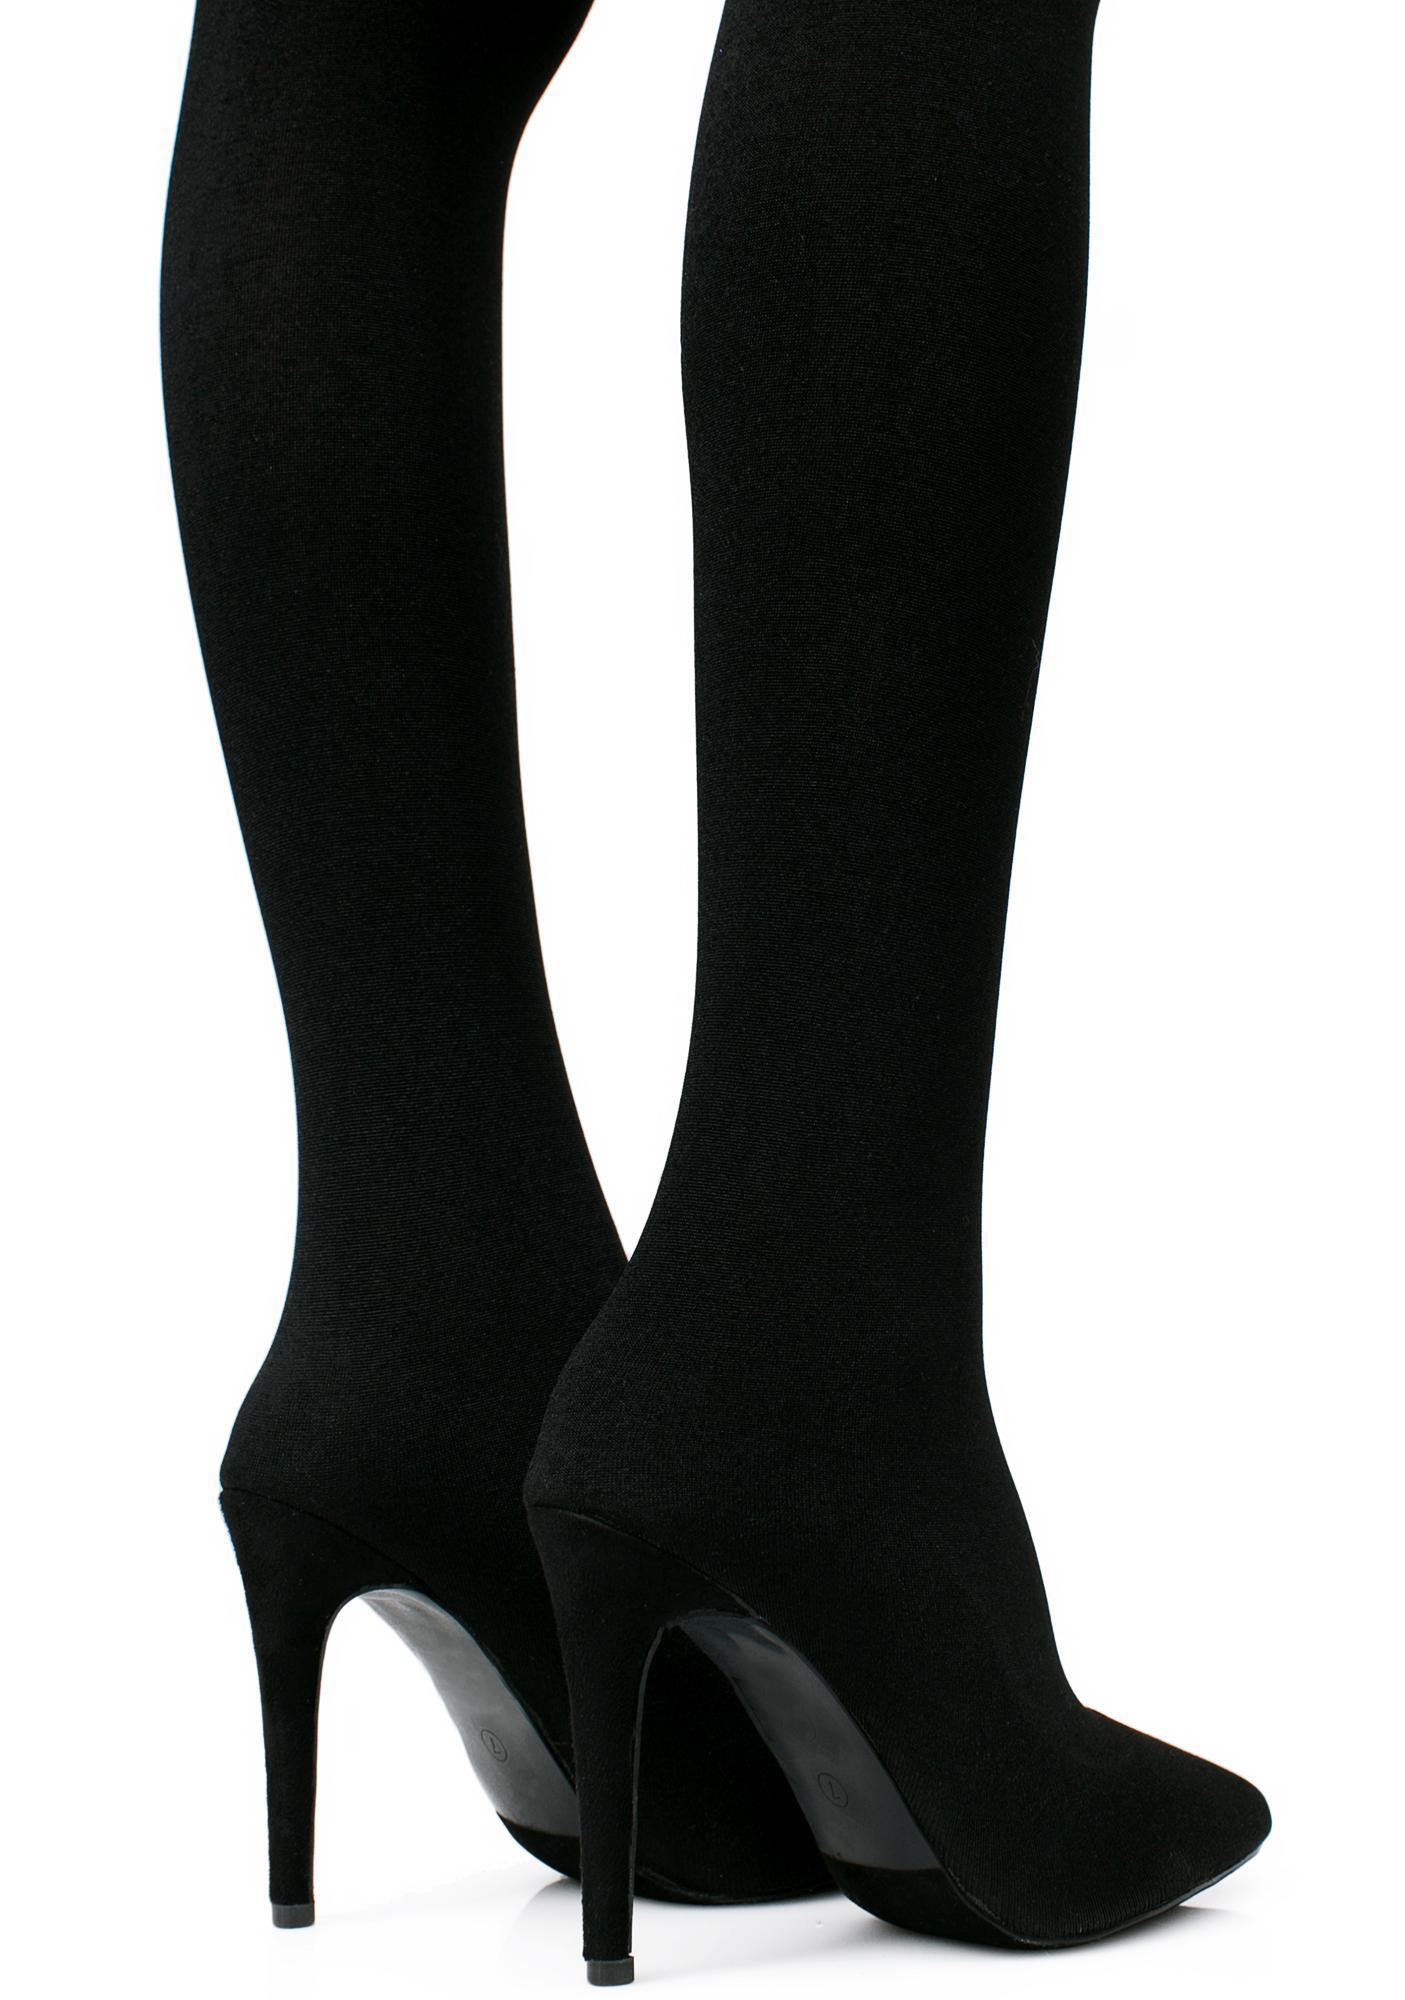 Big Deal Legging Boots